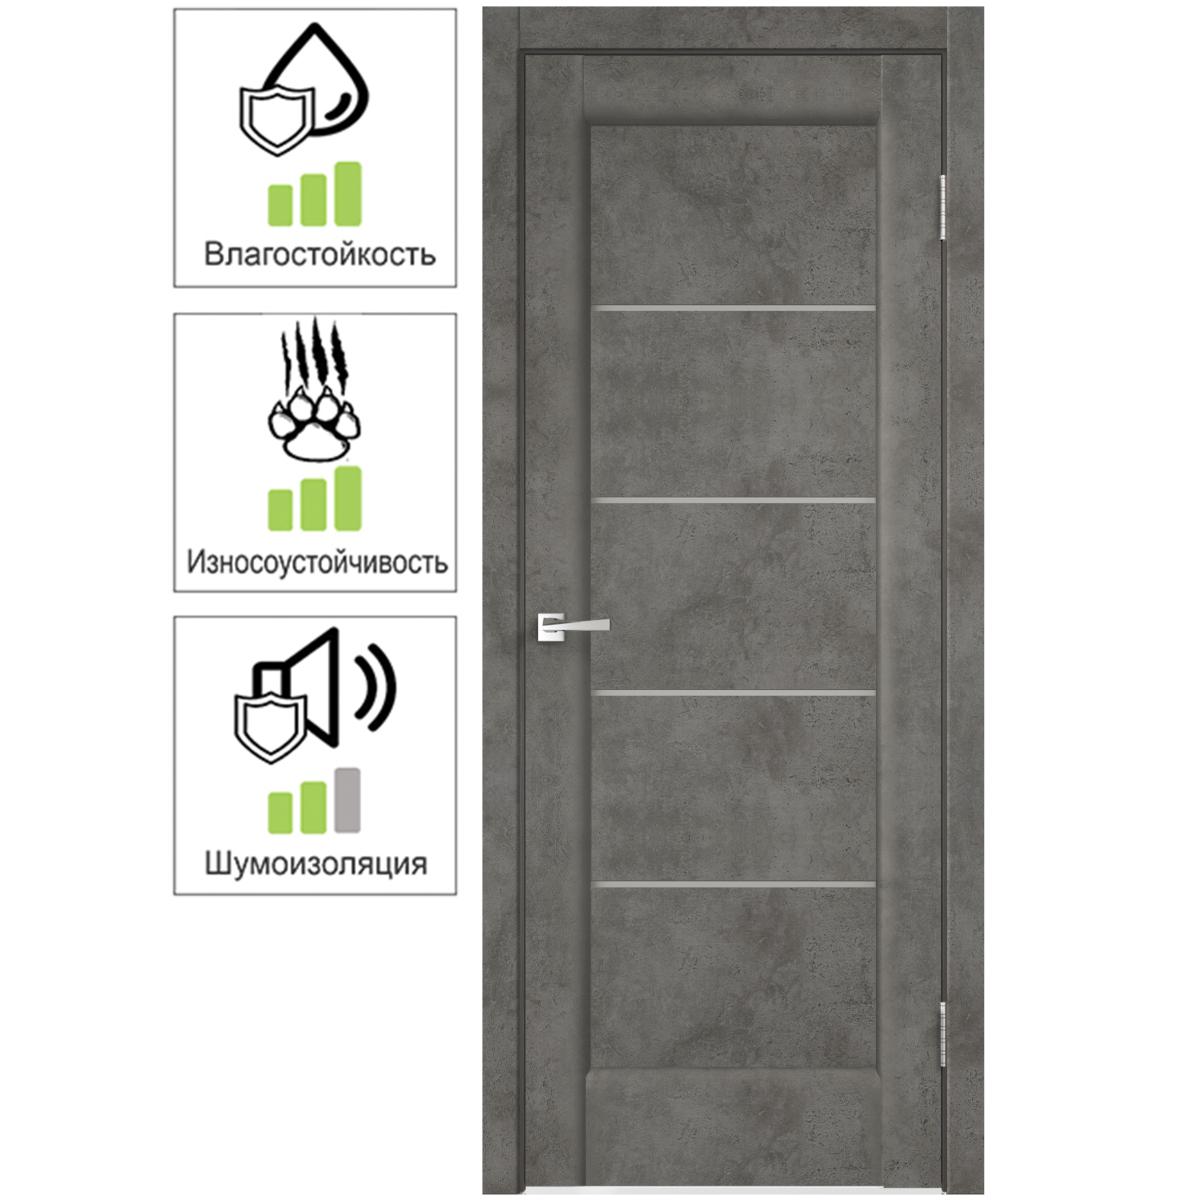 Дверь межкомнатная остеклённая «Сохо» 90x200 см ПВХ цвет лофт тёмный с фурнитурой